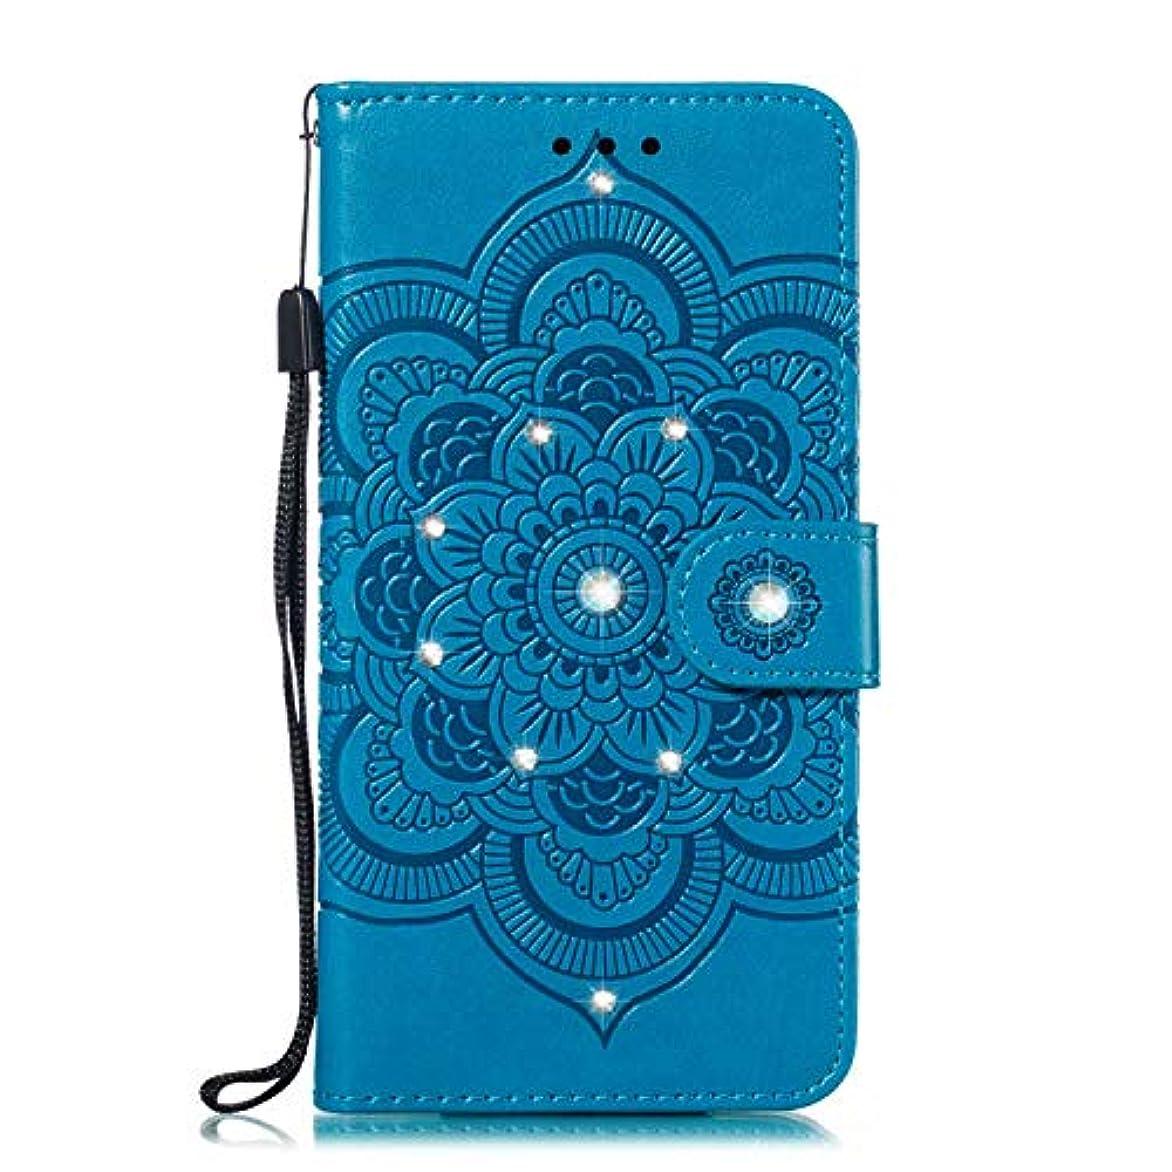 純粋な殺す大騒ぎOMATENTI Xiaomi MI 6X ケース 手帳型 かわいい レディース用 合皮PUレザー 財布型 保護ケース ザー カード収納 スタンド 機能 マグネット 人気 高品質 ダイヤモンドの輝き マンダラのエンボス加工 ケース, 青